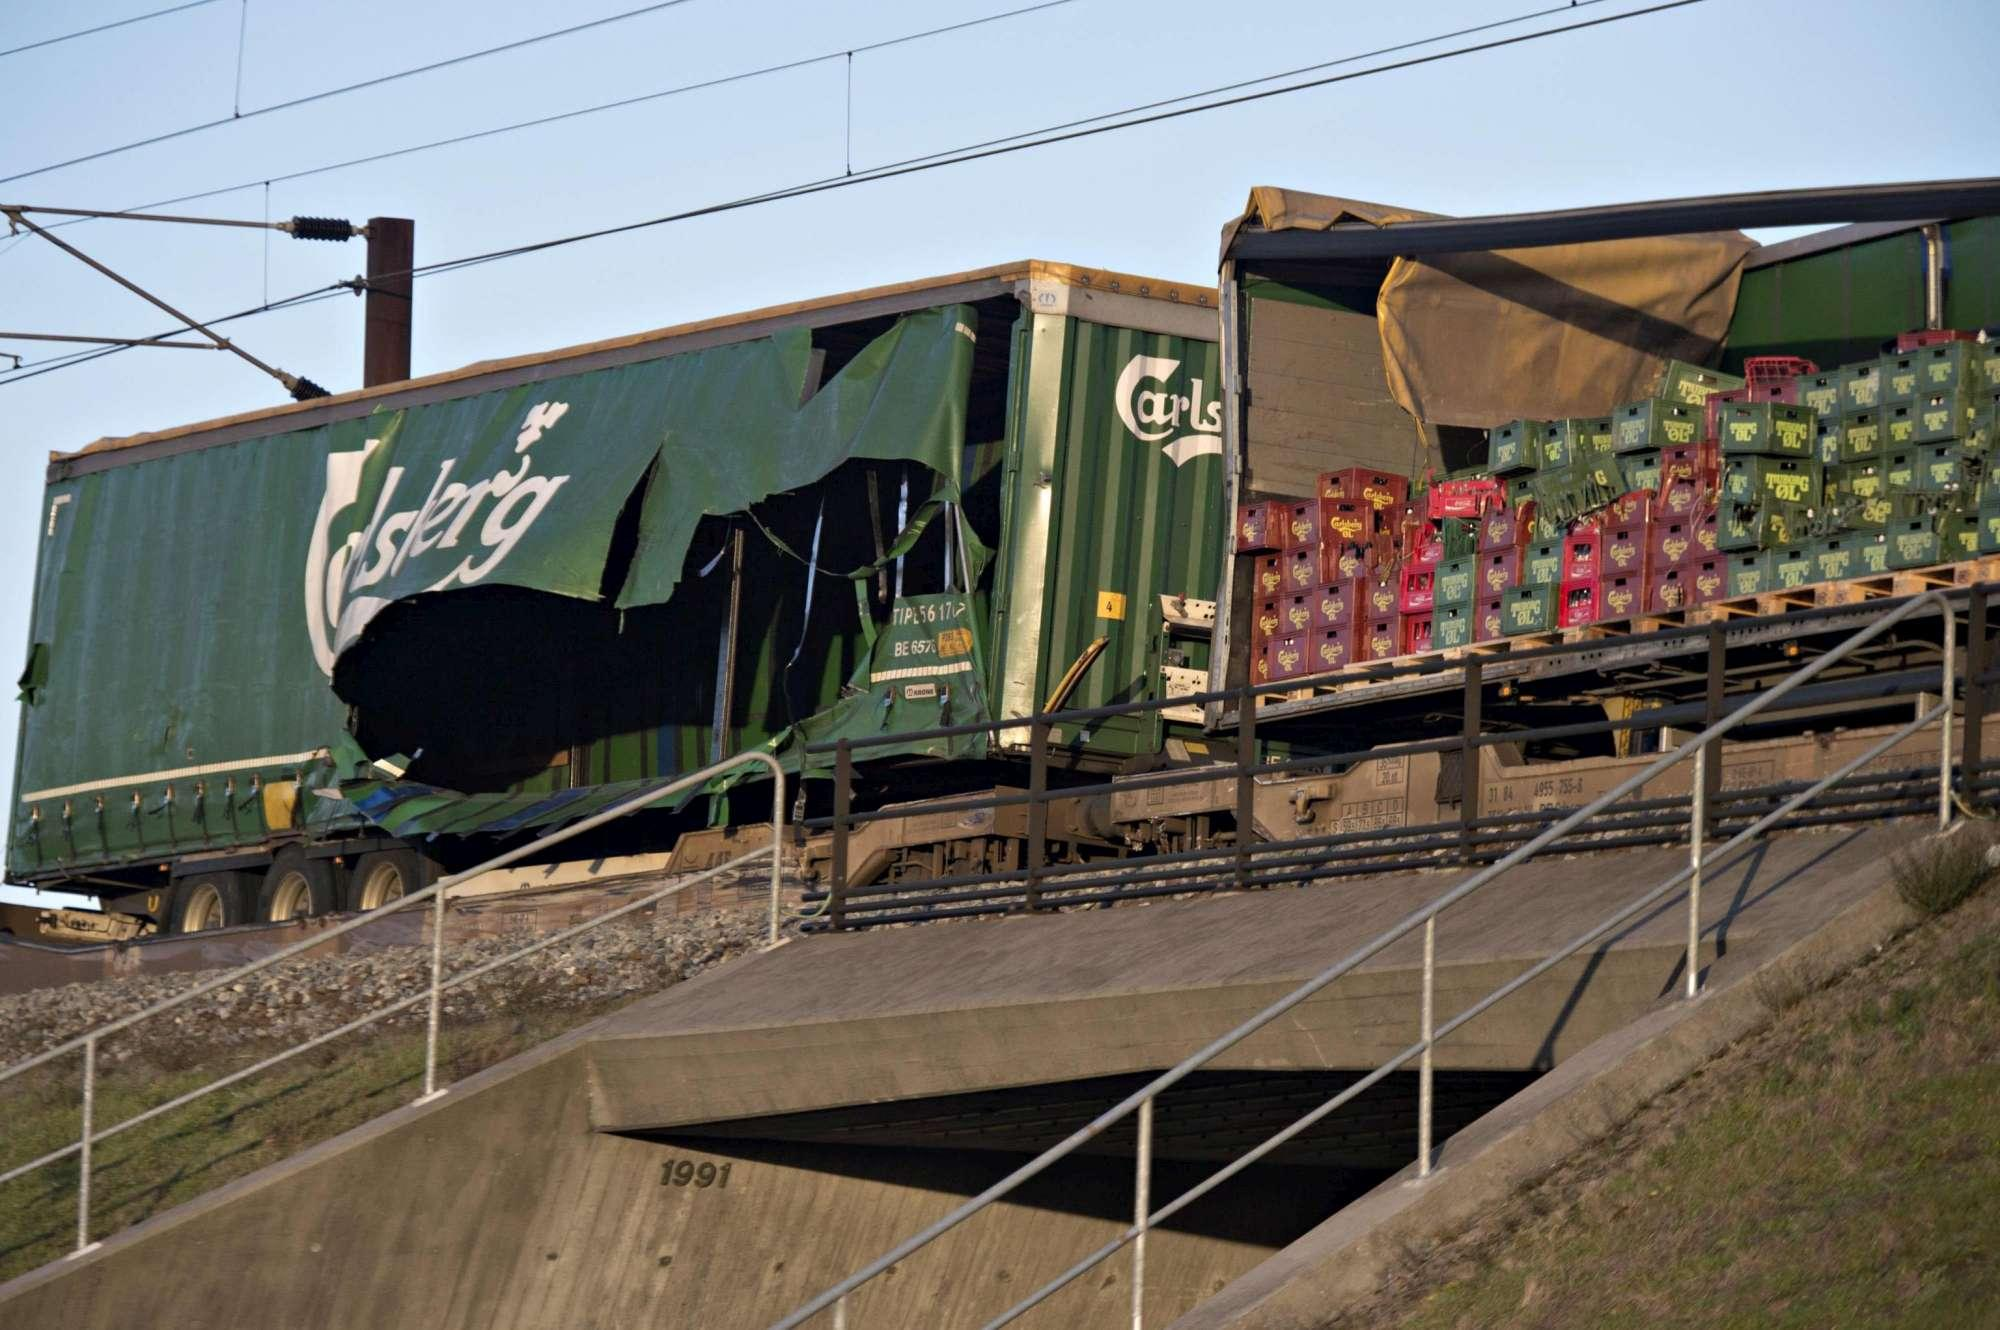 Incidente ferroviario in Danimarca  diversi morti - Foto Tgcom24 d401092fa8